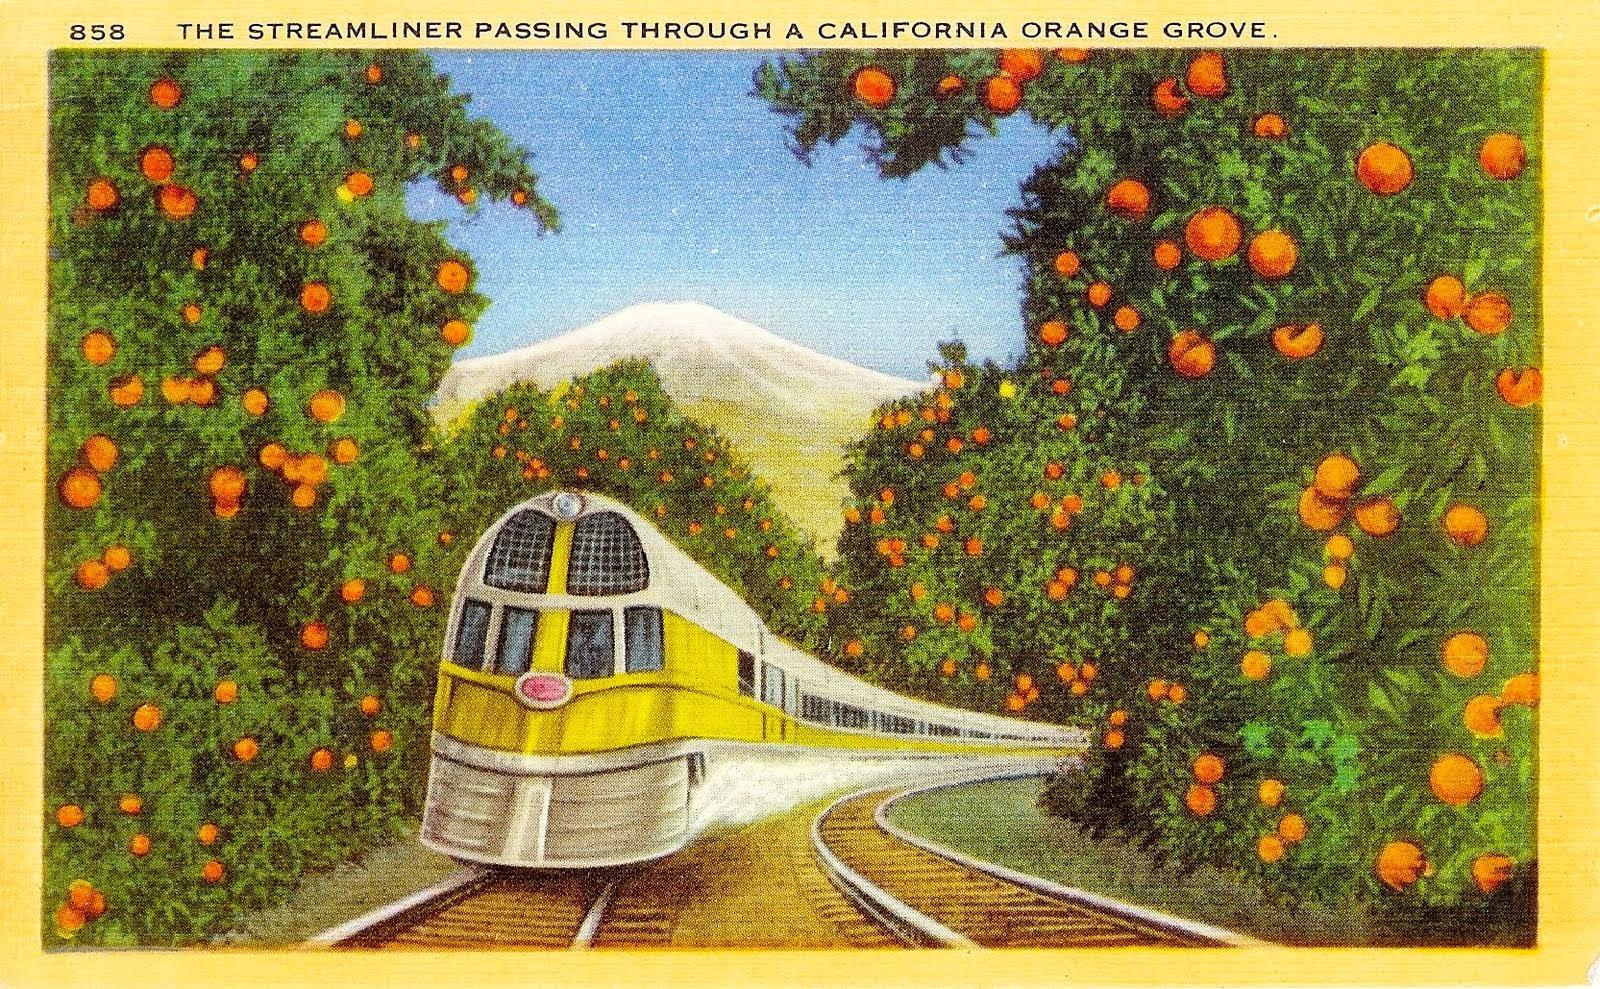 southern california garden guide basic gardening garden news